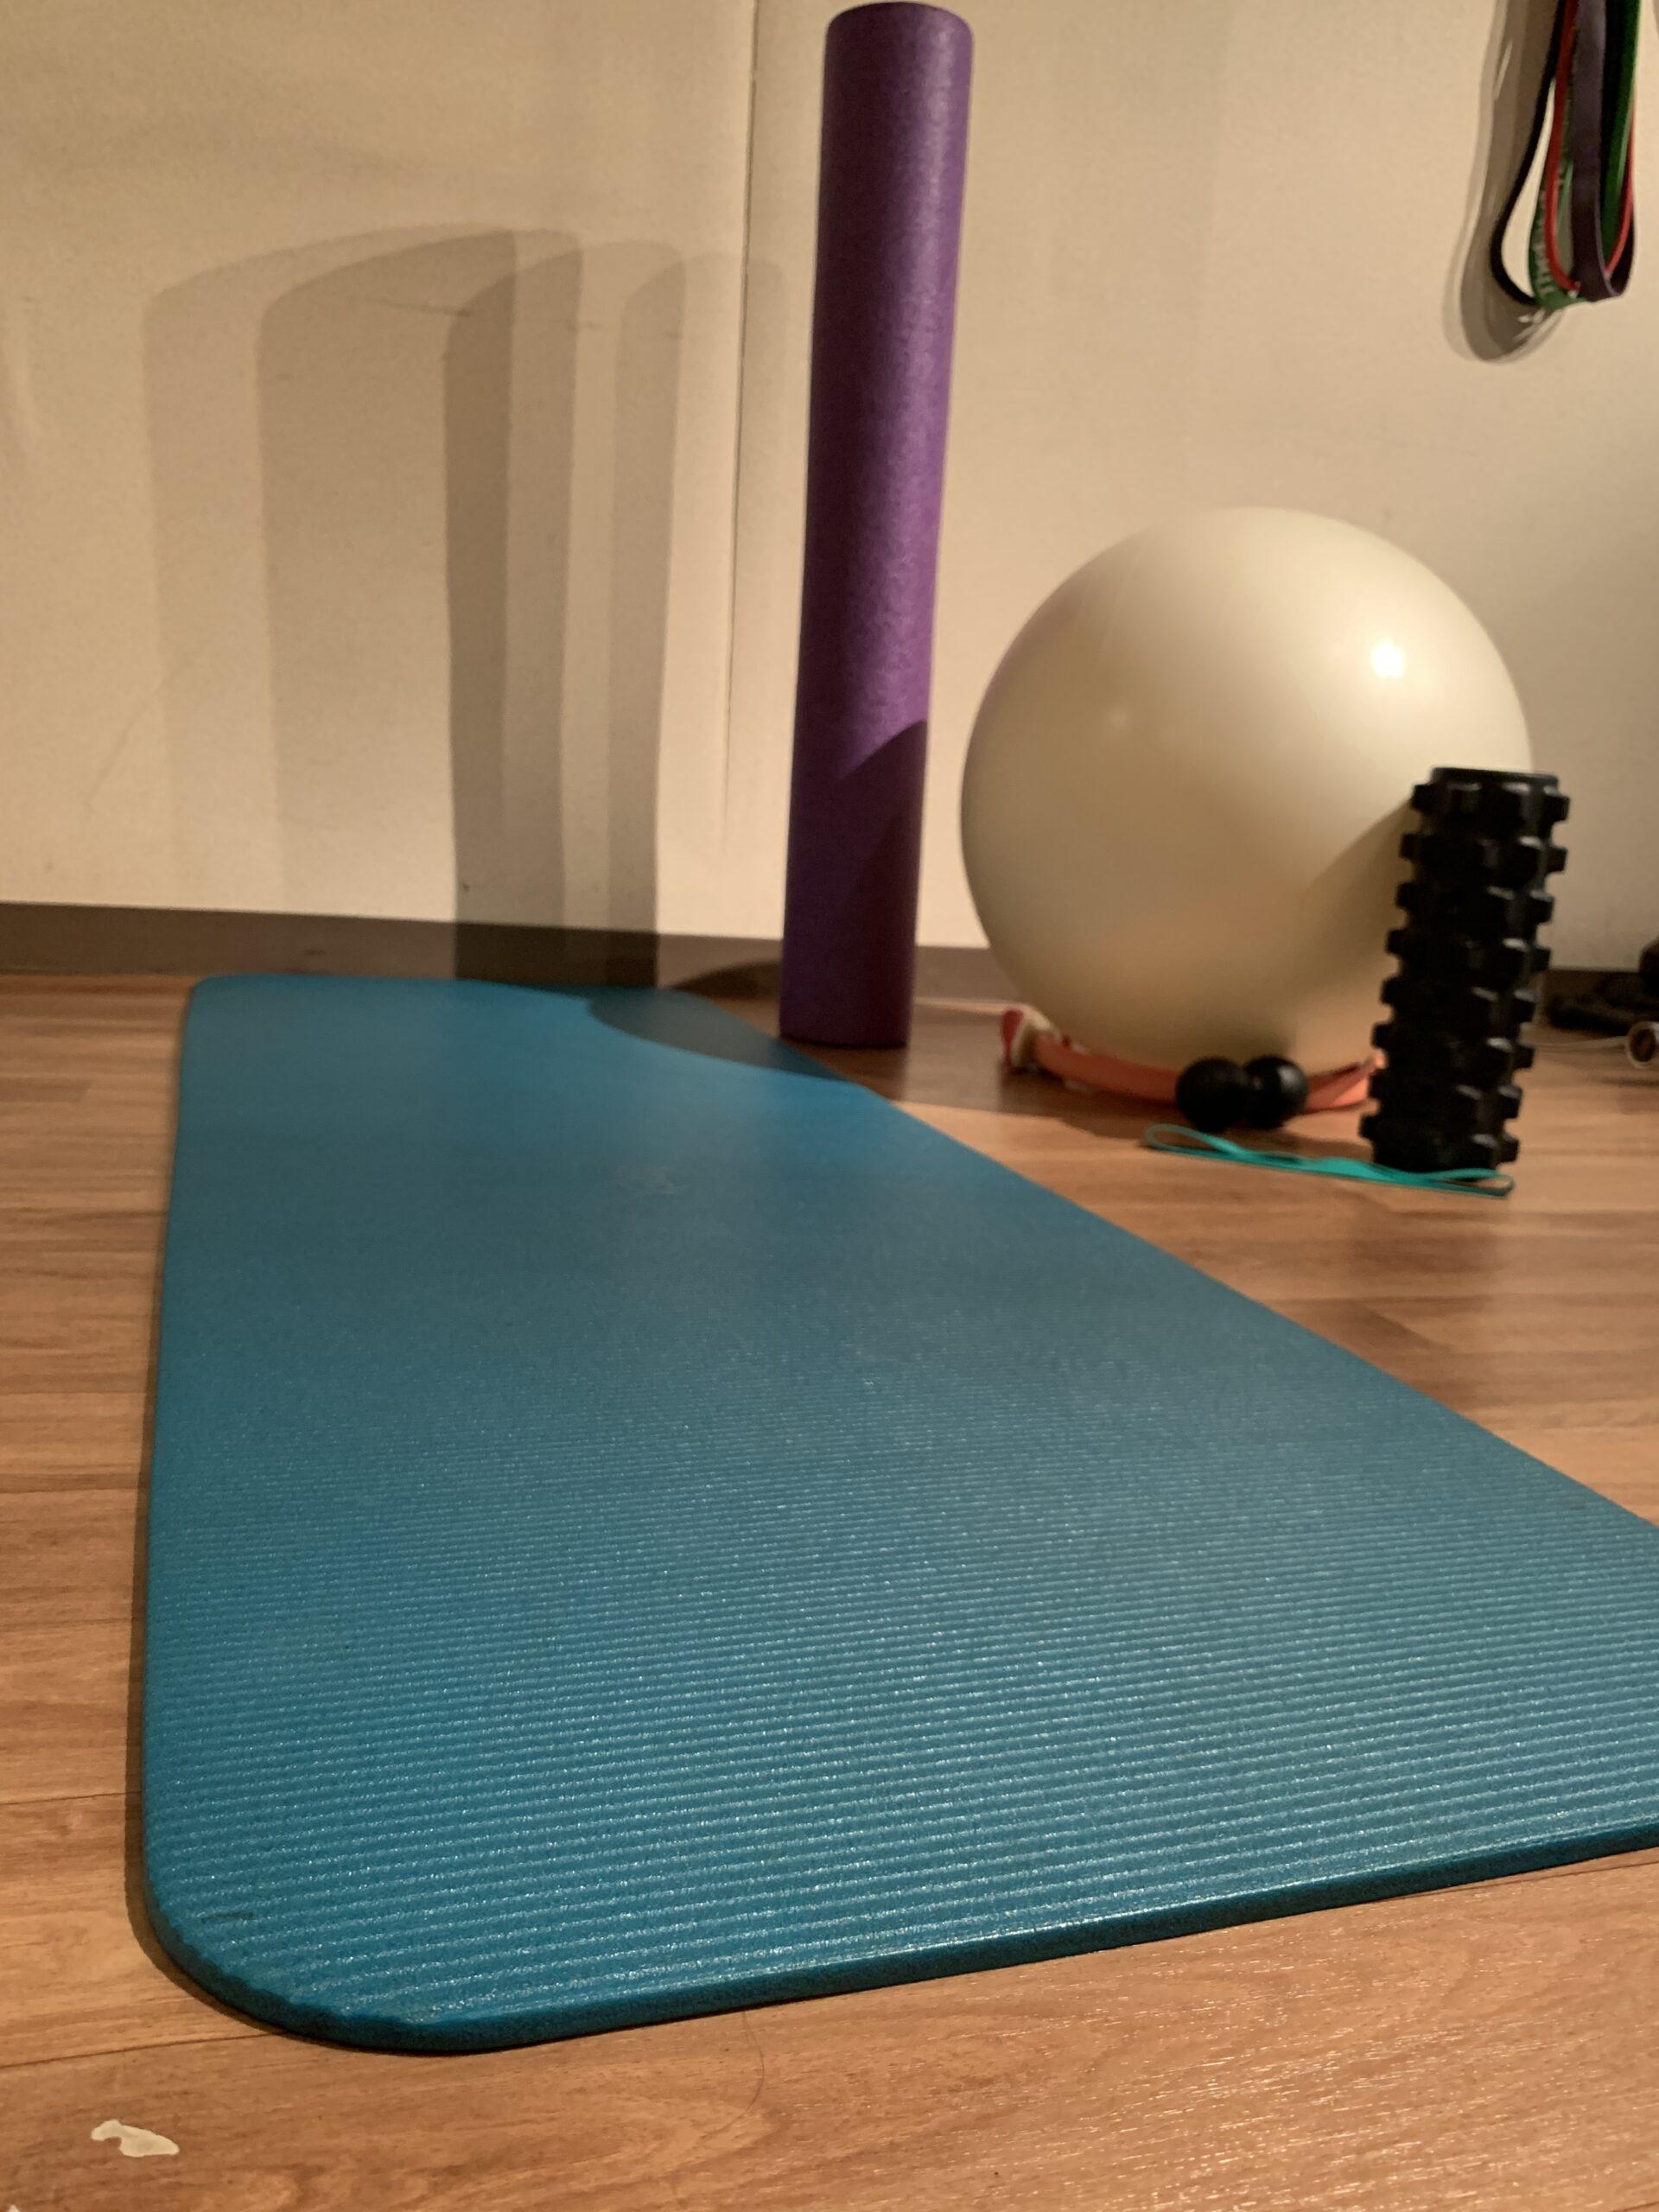 アスリート、ダンサーのトレーニングレッスン経験から身体のバランスを整える筋トレが得意です